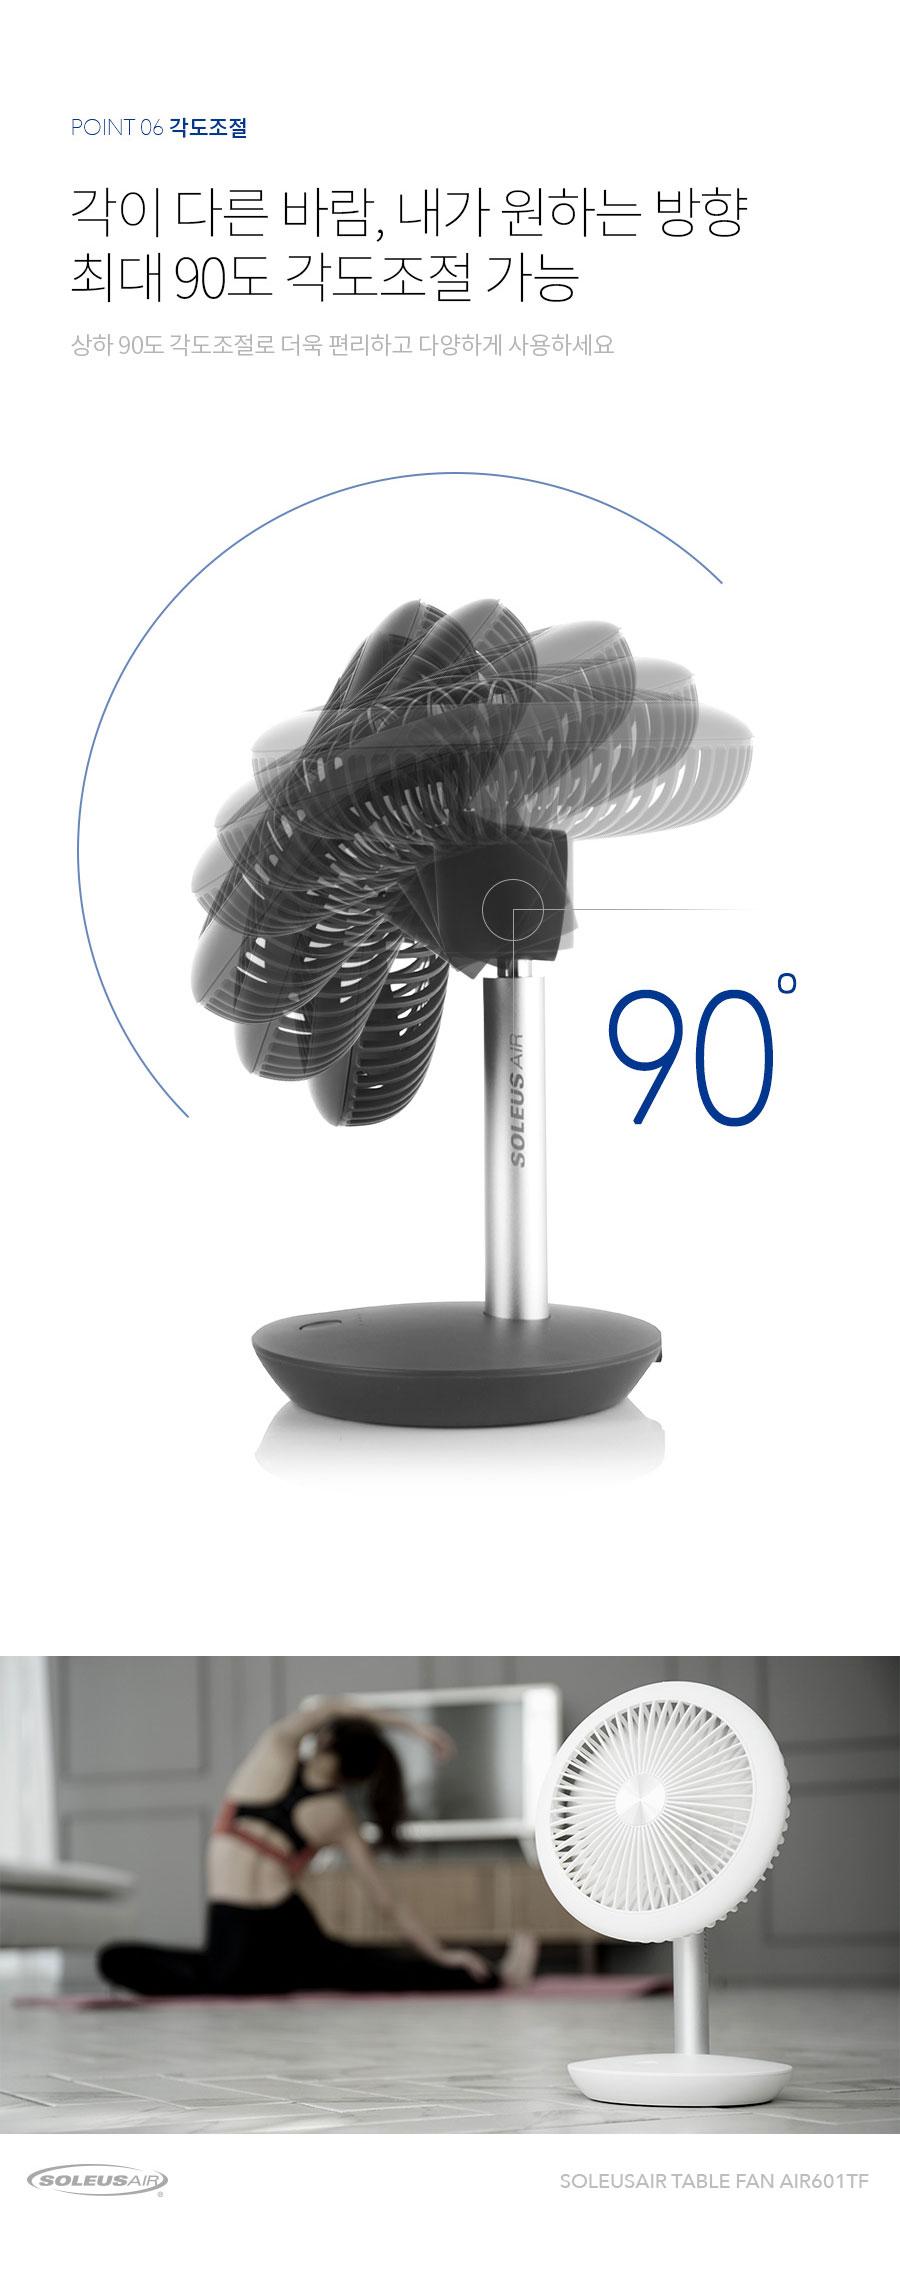 솔러스에어 휴대용 무선 미니 선풍기 테이블팬 AIR601TF49,000원-솔러스에어리빙/가전, 계절가전, 선풍기, 스탠드 선풍기바보사랑솔러스에어 휴대용 무선 미니 선풍기 테이블팬 AIR601TF49,000원-솔러스에어리빙/가전, 계절가전, 선풍기, 스탠드 선풍기바보사랑